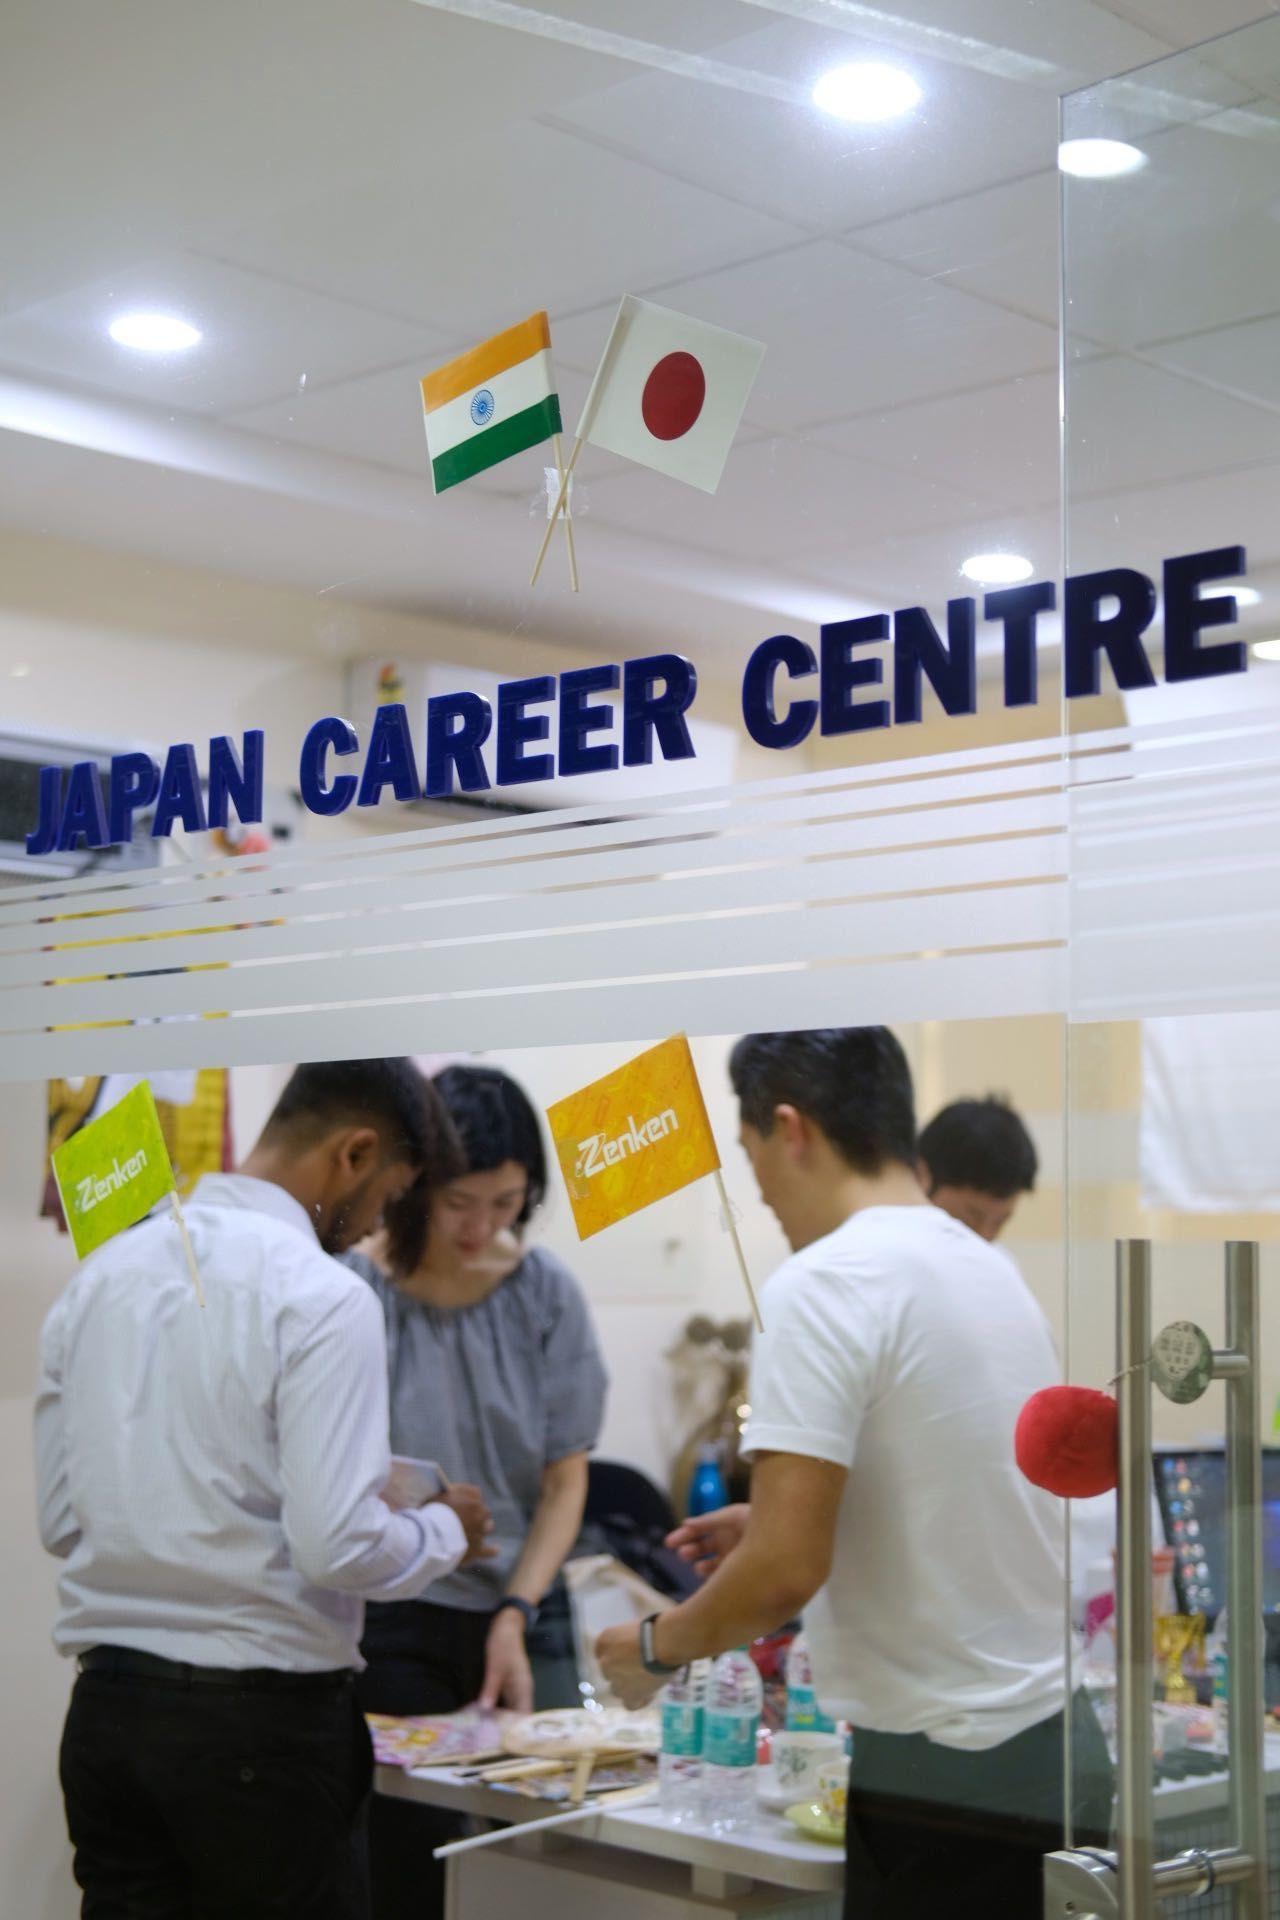 全研本社がインドの大学と提携して開設した「ジャパン・キャリア・センター」(全研本社提供)